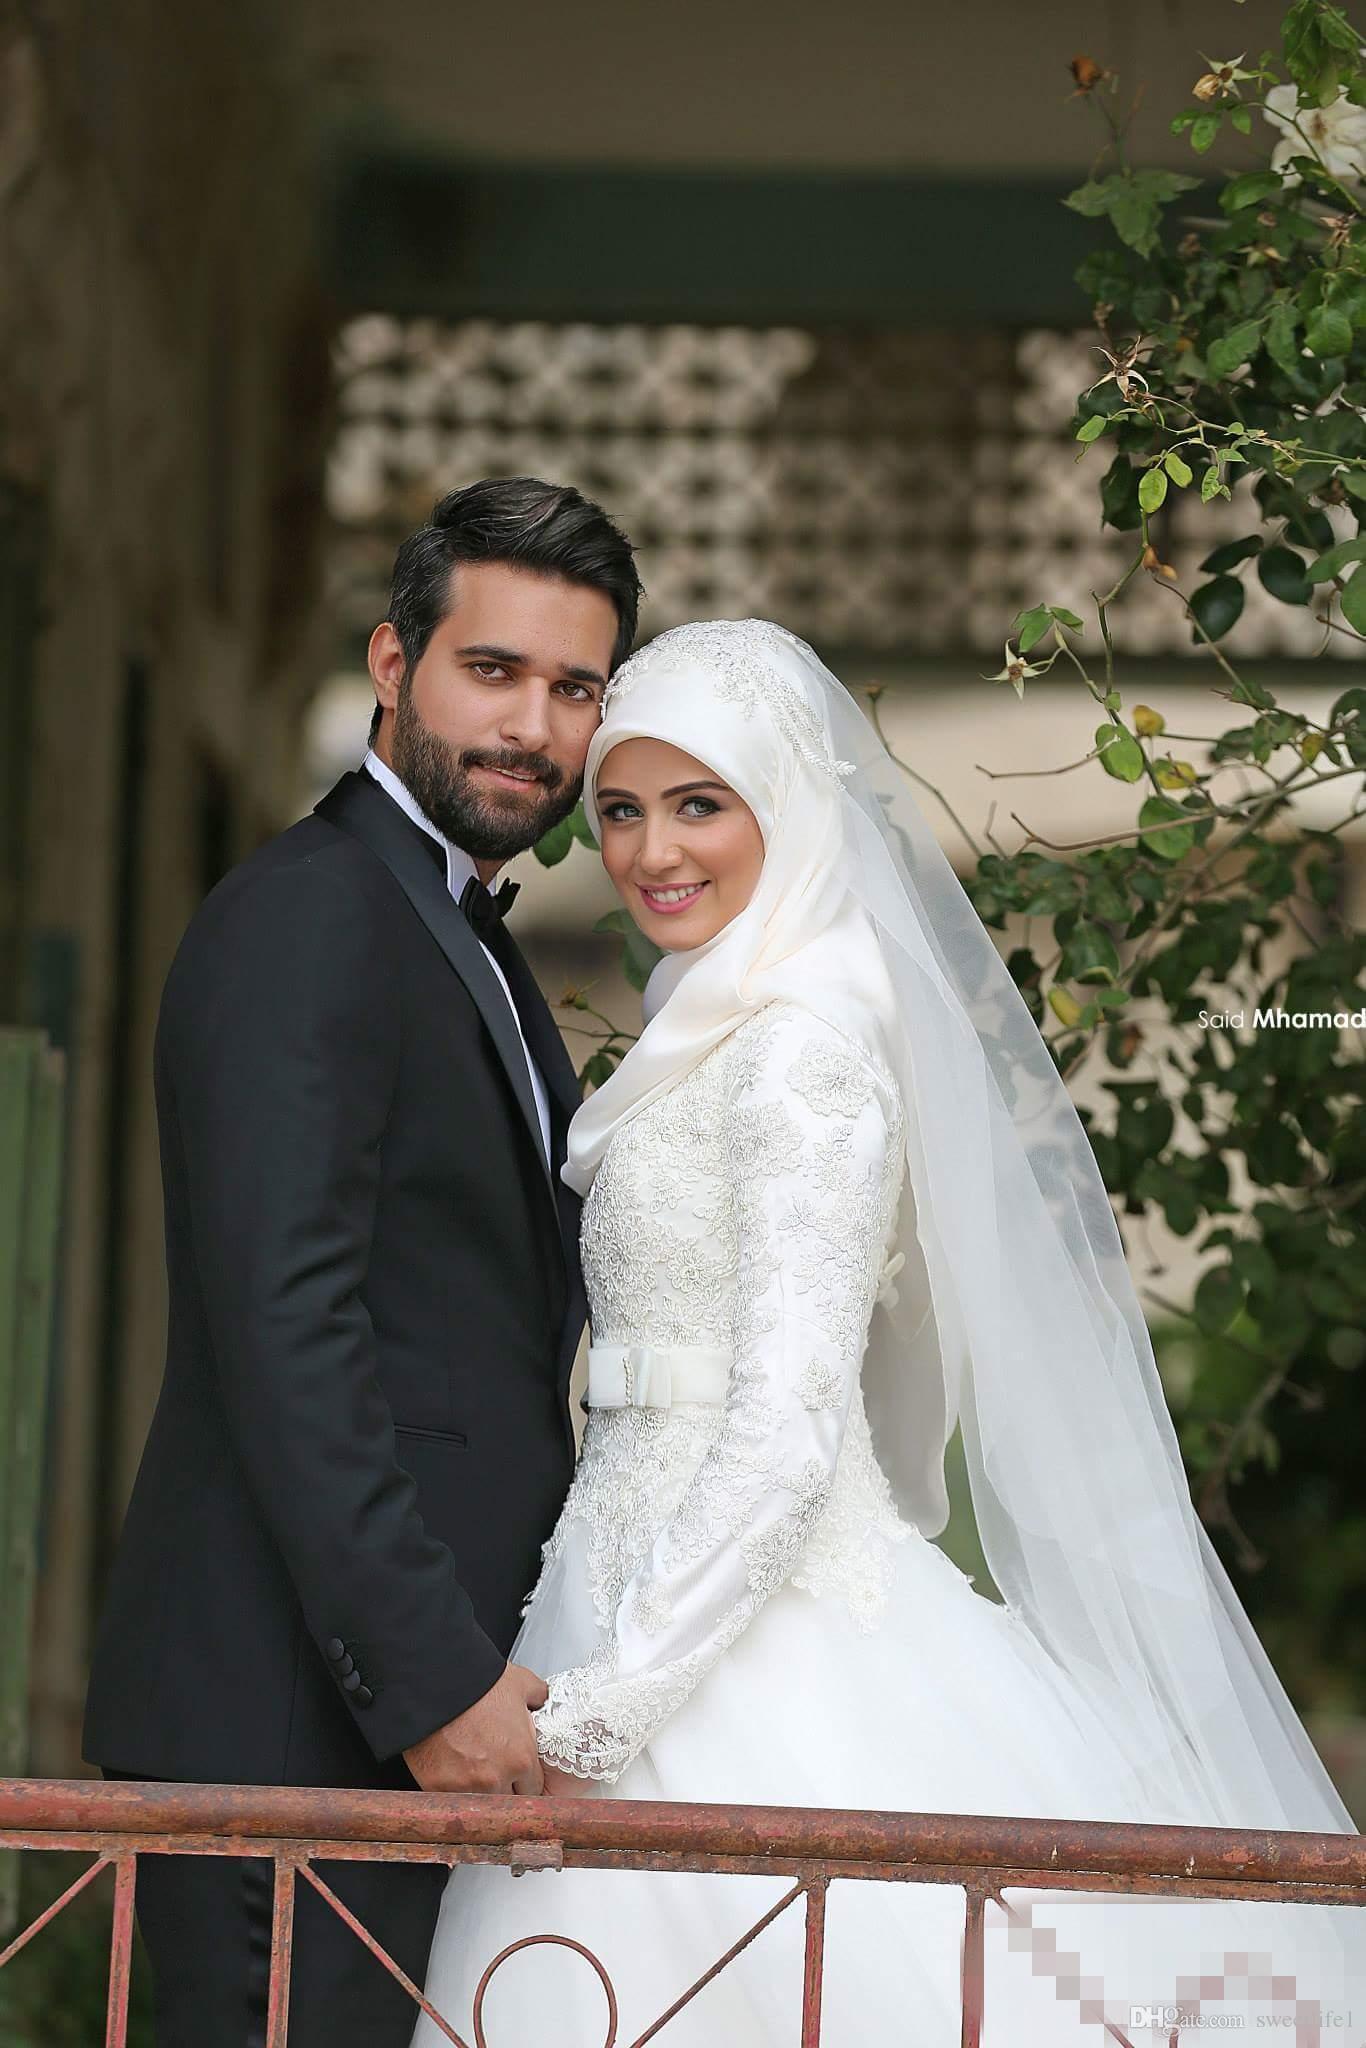 2019 Arabisch Islamisch Muslim A Line Brautkleider Sagte Mhamad Spitze Winter Brautkleider Mit Langen Ärmeln High Neck Midwest Pakistanischen Abaya